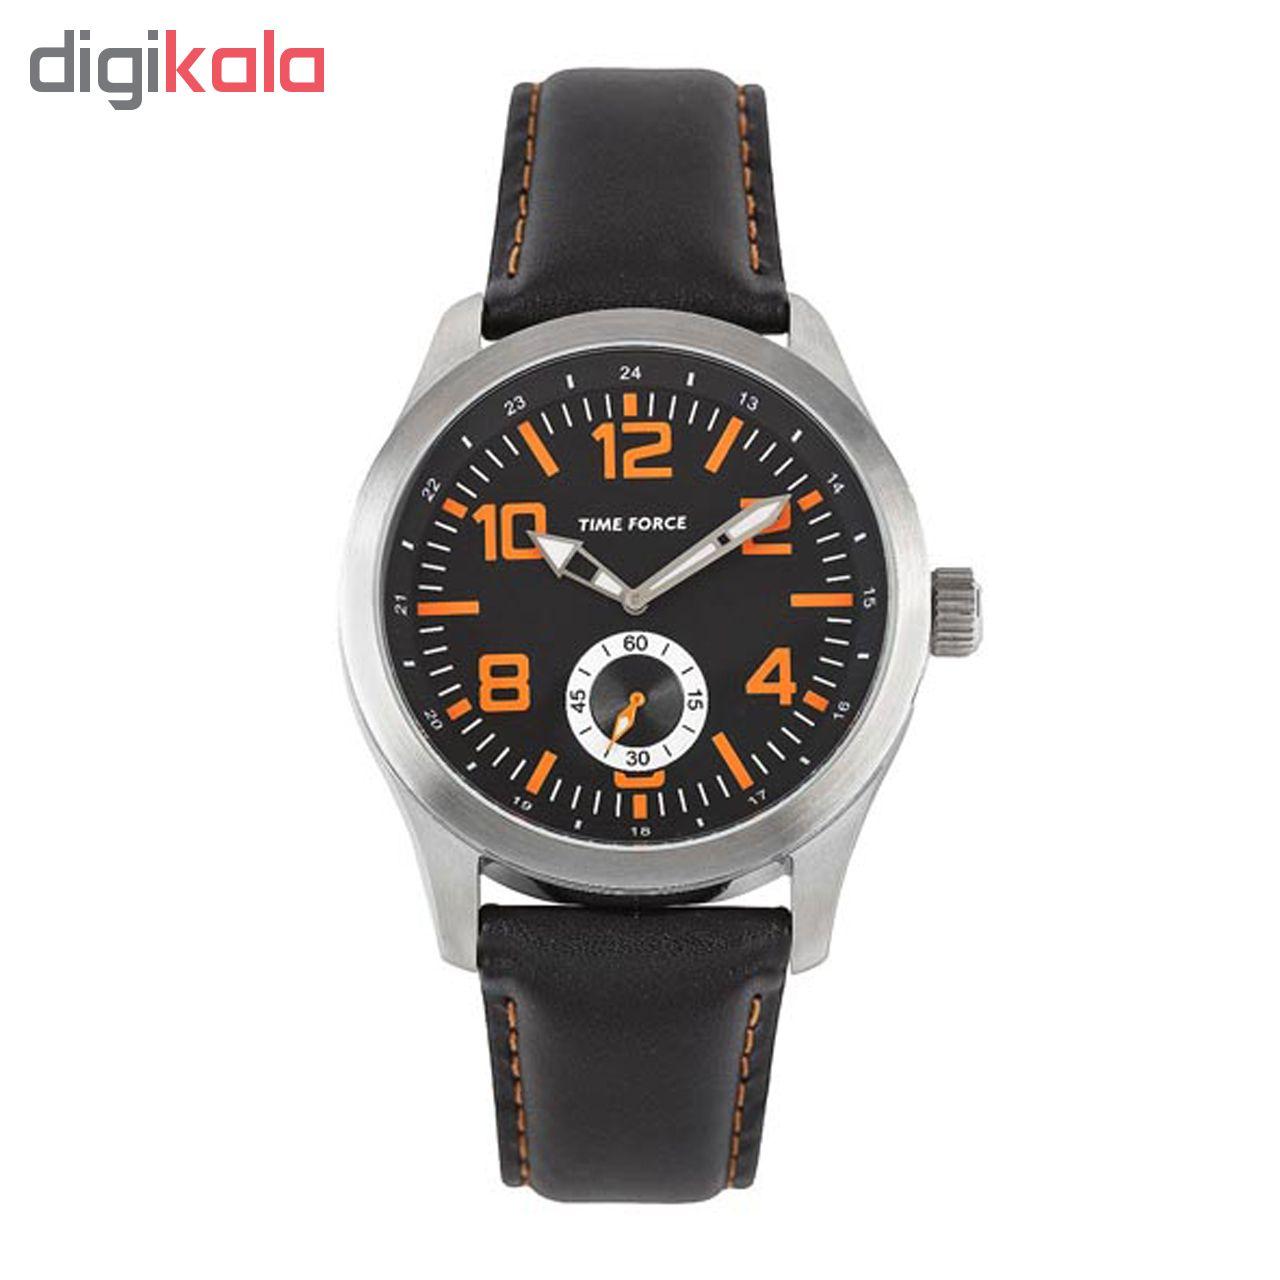 خرید ساعت مچی عقربه ای مردانه تایم فورس مدل TF3367M12 | ساعت مچی